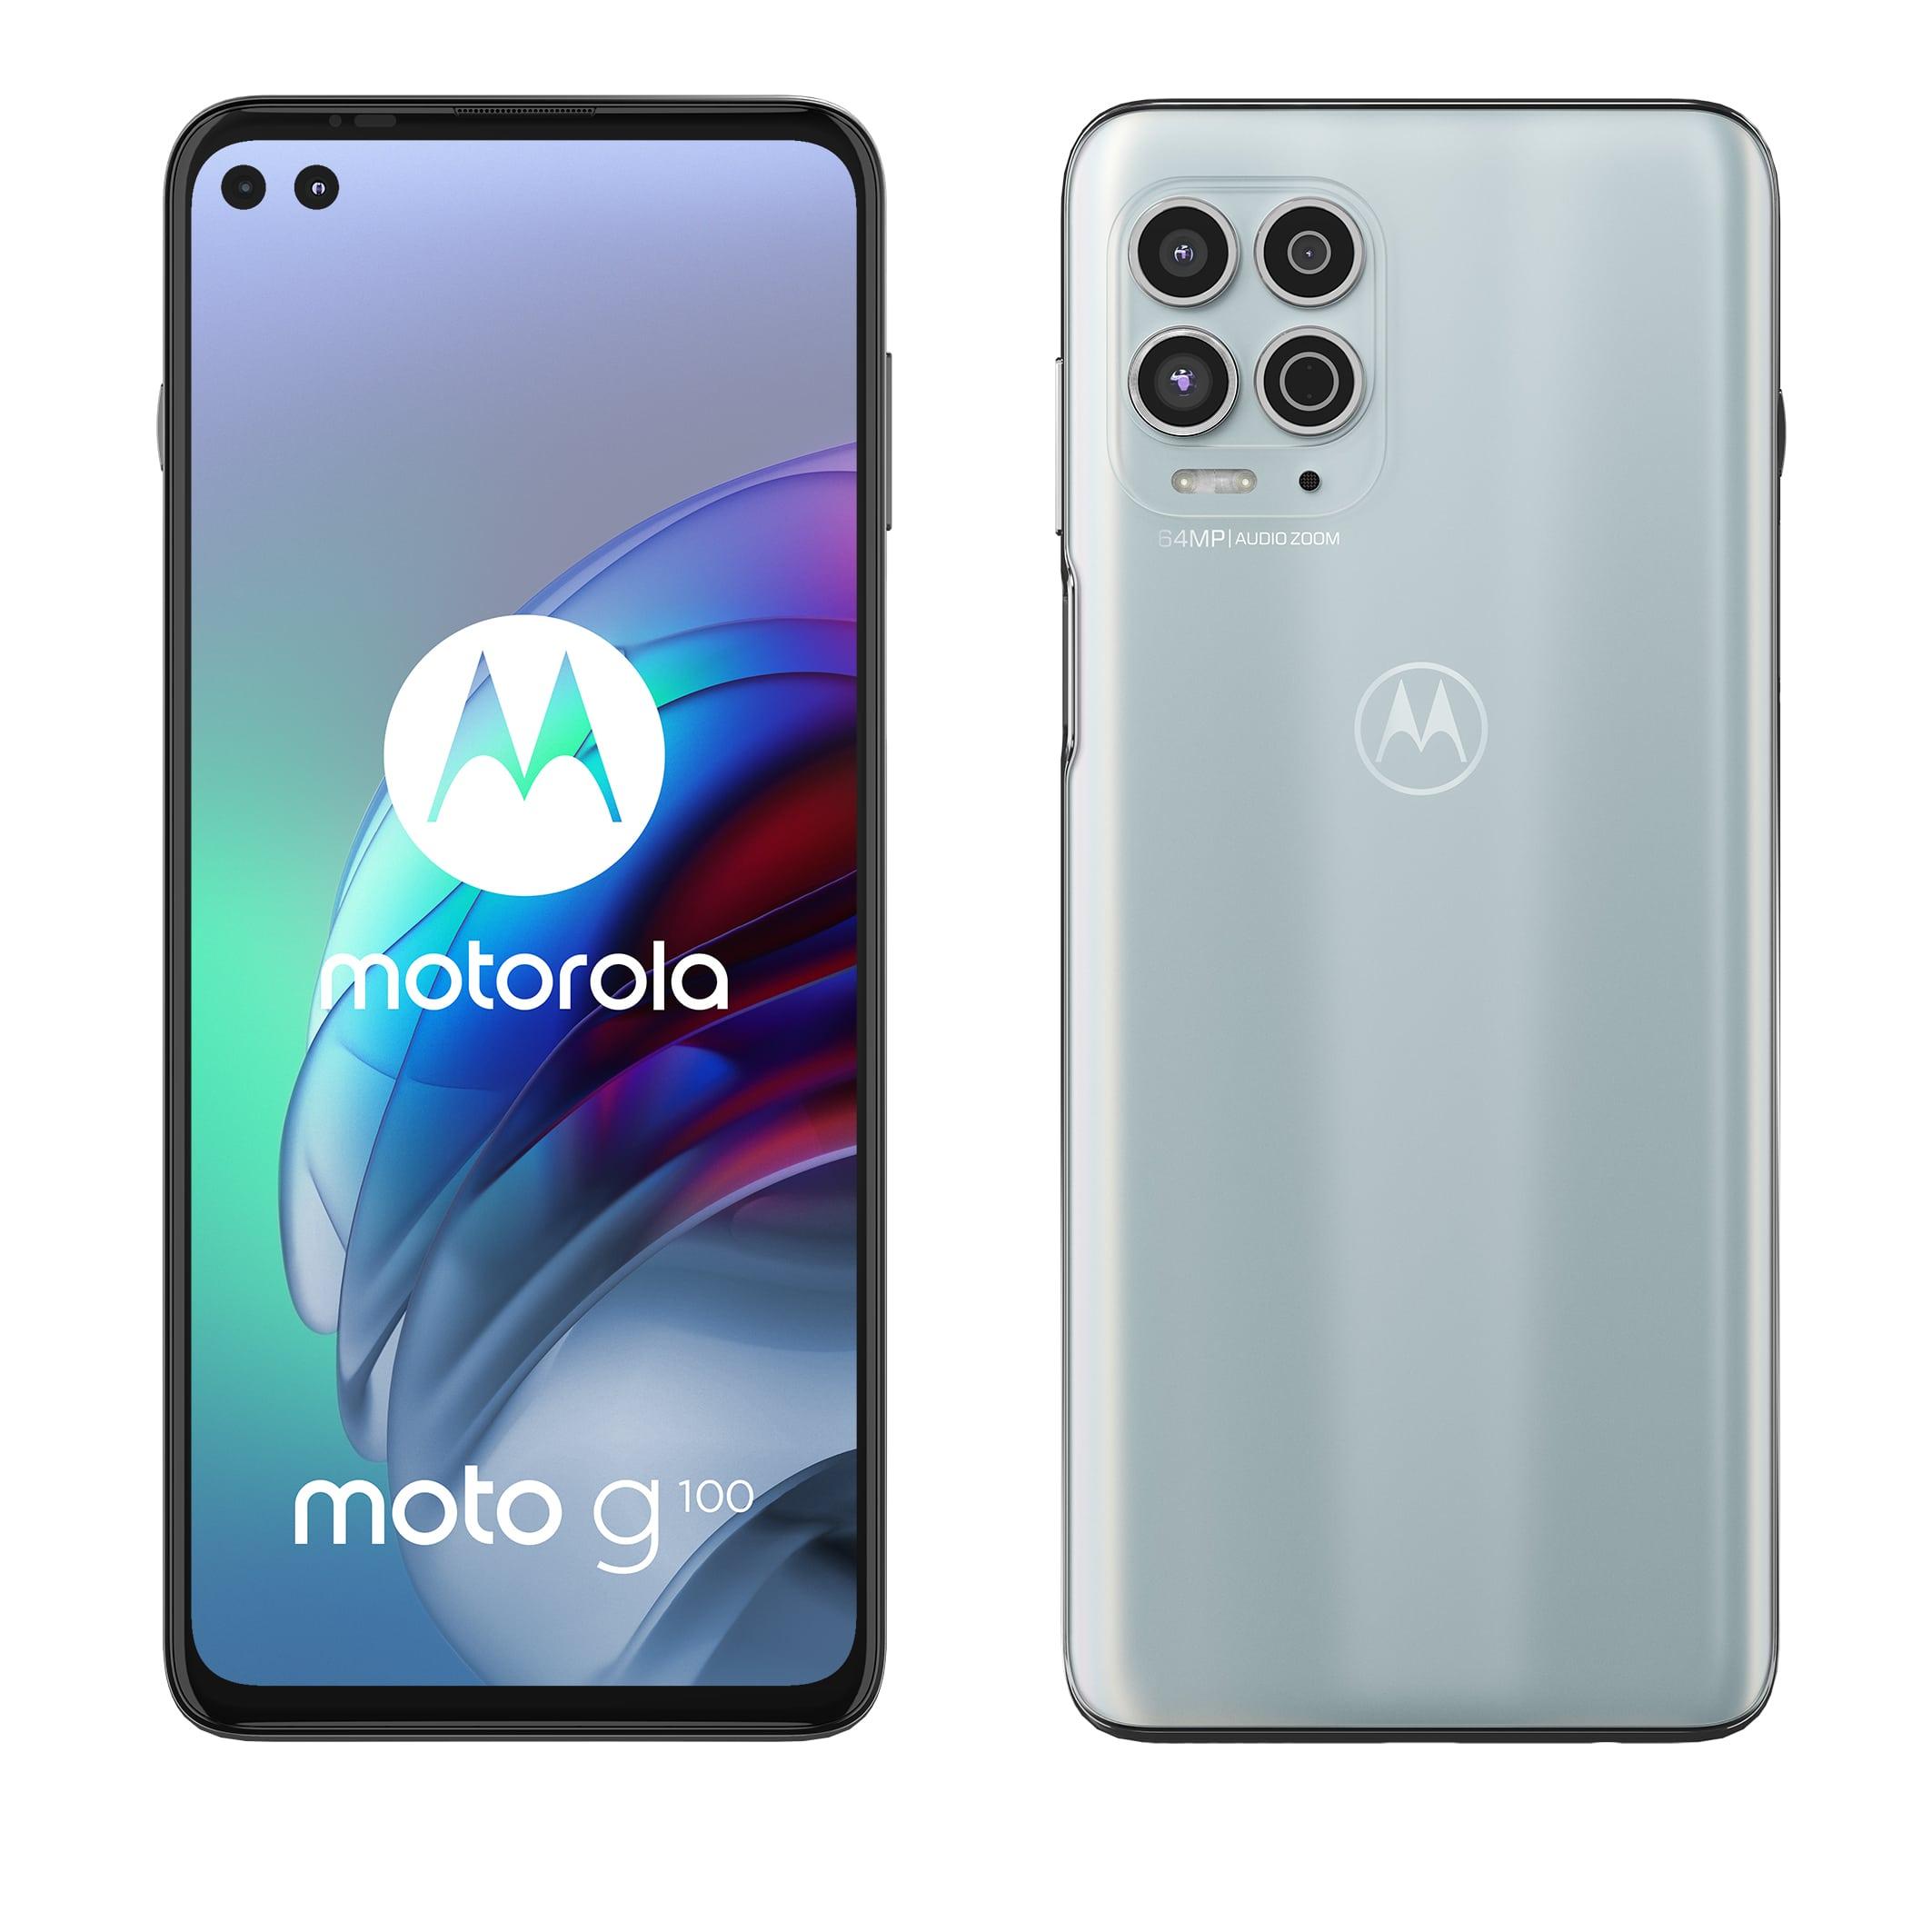 Motorola_moto_g100_Weiss__9